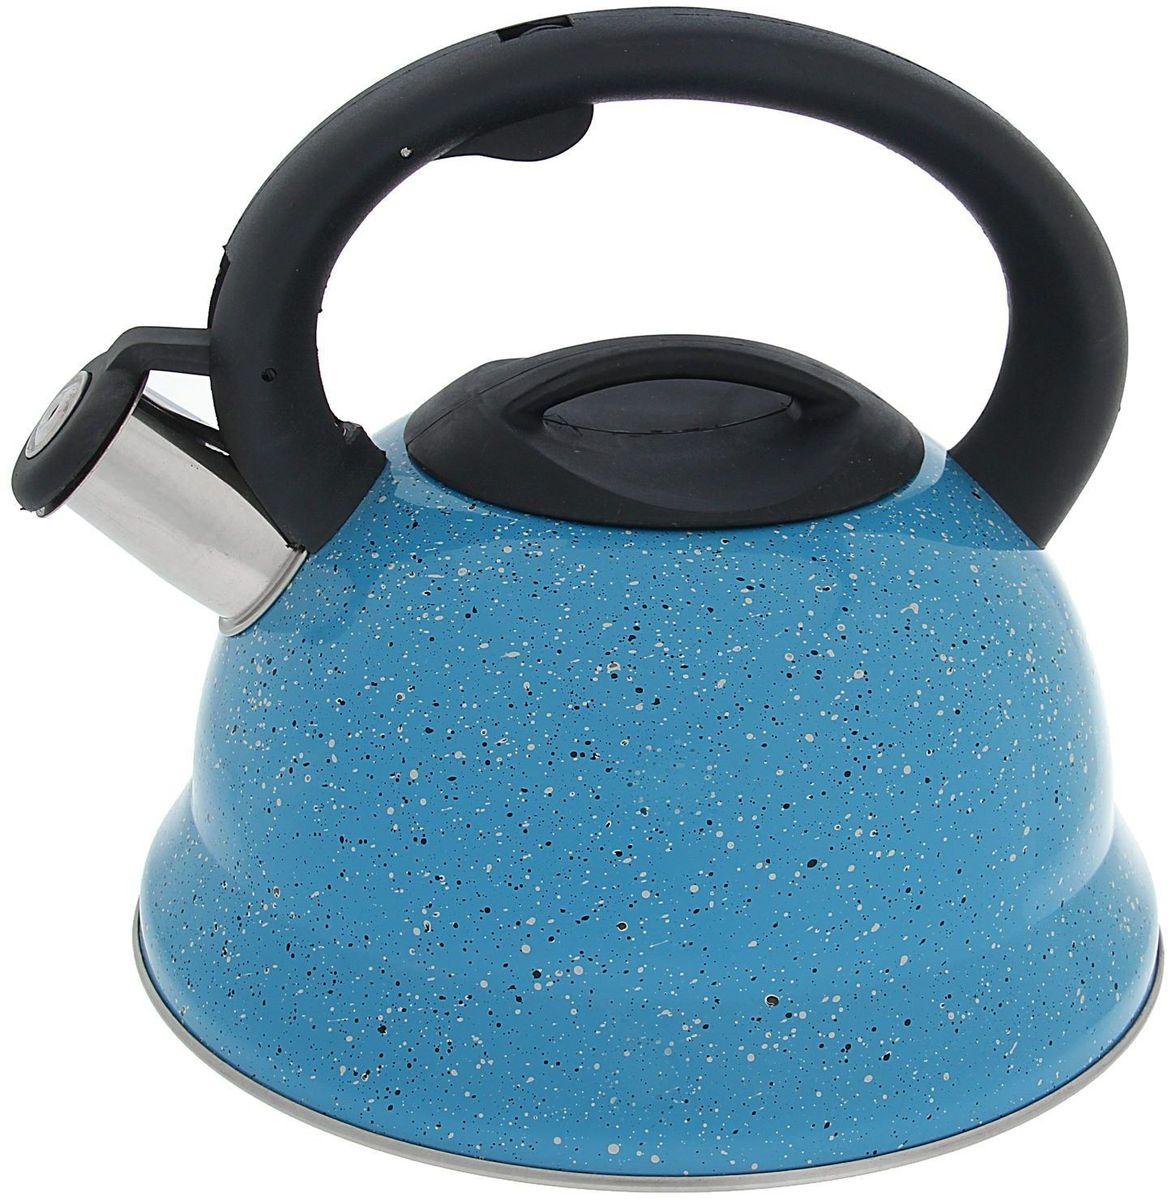 Чайник Доляна Рио, со свистком, цвет: голубой, 2,8 л1405206Бытовая посуда из нержавеющей стали славится неприхотливостью в уходе и безукоризненной функциональностью. Коррозиестойкий сплав обеспечивает гигиеничность изделий. Чайники из этого материала абсолютно безопасны для здоровья человека. Чем привлекательна посуда из нержавейки? Чайник из нержавеющей стали станет удачной находкой для дома или ресторана: благодаря низкой теплопроводности модели вода дольше остается горячей; необычный дизайн радует глаз и поднимает настроение; качественное дно гарантирует быстрый нагрев. Как продлить срок службы? Ухаживать за новым приобретением элементарно просто, но стоит помнить о нескольких нехитрых правилах. Во-первых, не следует применять абразивные инструменты и сильнохлорированные моющие средства. Во-вторых, не оставляйте пустую посуду на плите. В-третьих, если вы уезжаете из дома на длительное время - выливайте воду из чайника. Если на внутренней поверхности изделия появились пятна, используйте для их удаления несколько капель уксусной или лимонной...